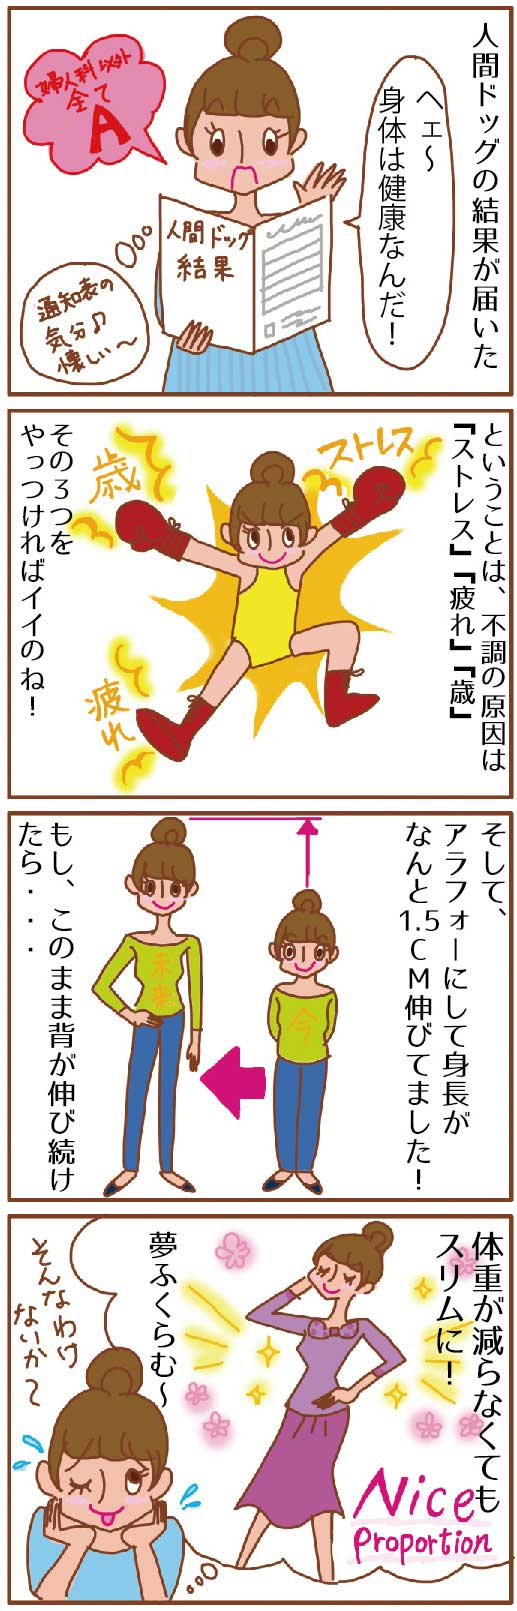 WEB @cosume BeautySpecialist「11人間ドッグの結果報告♪」コラムマンガ,イラストルポ,ルポマンガ,体験漫画